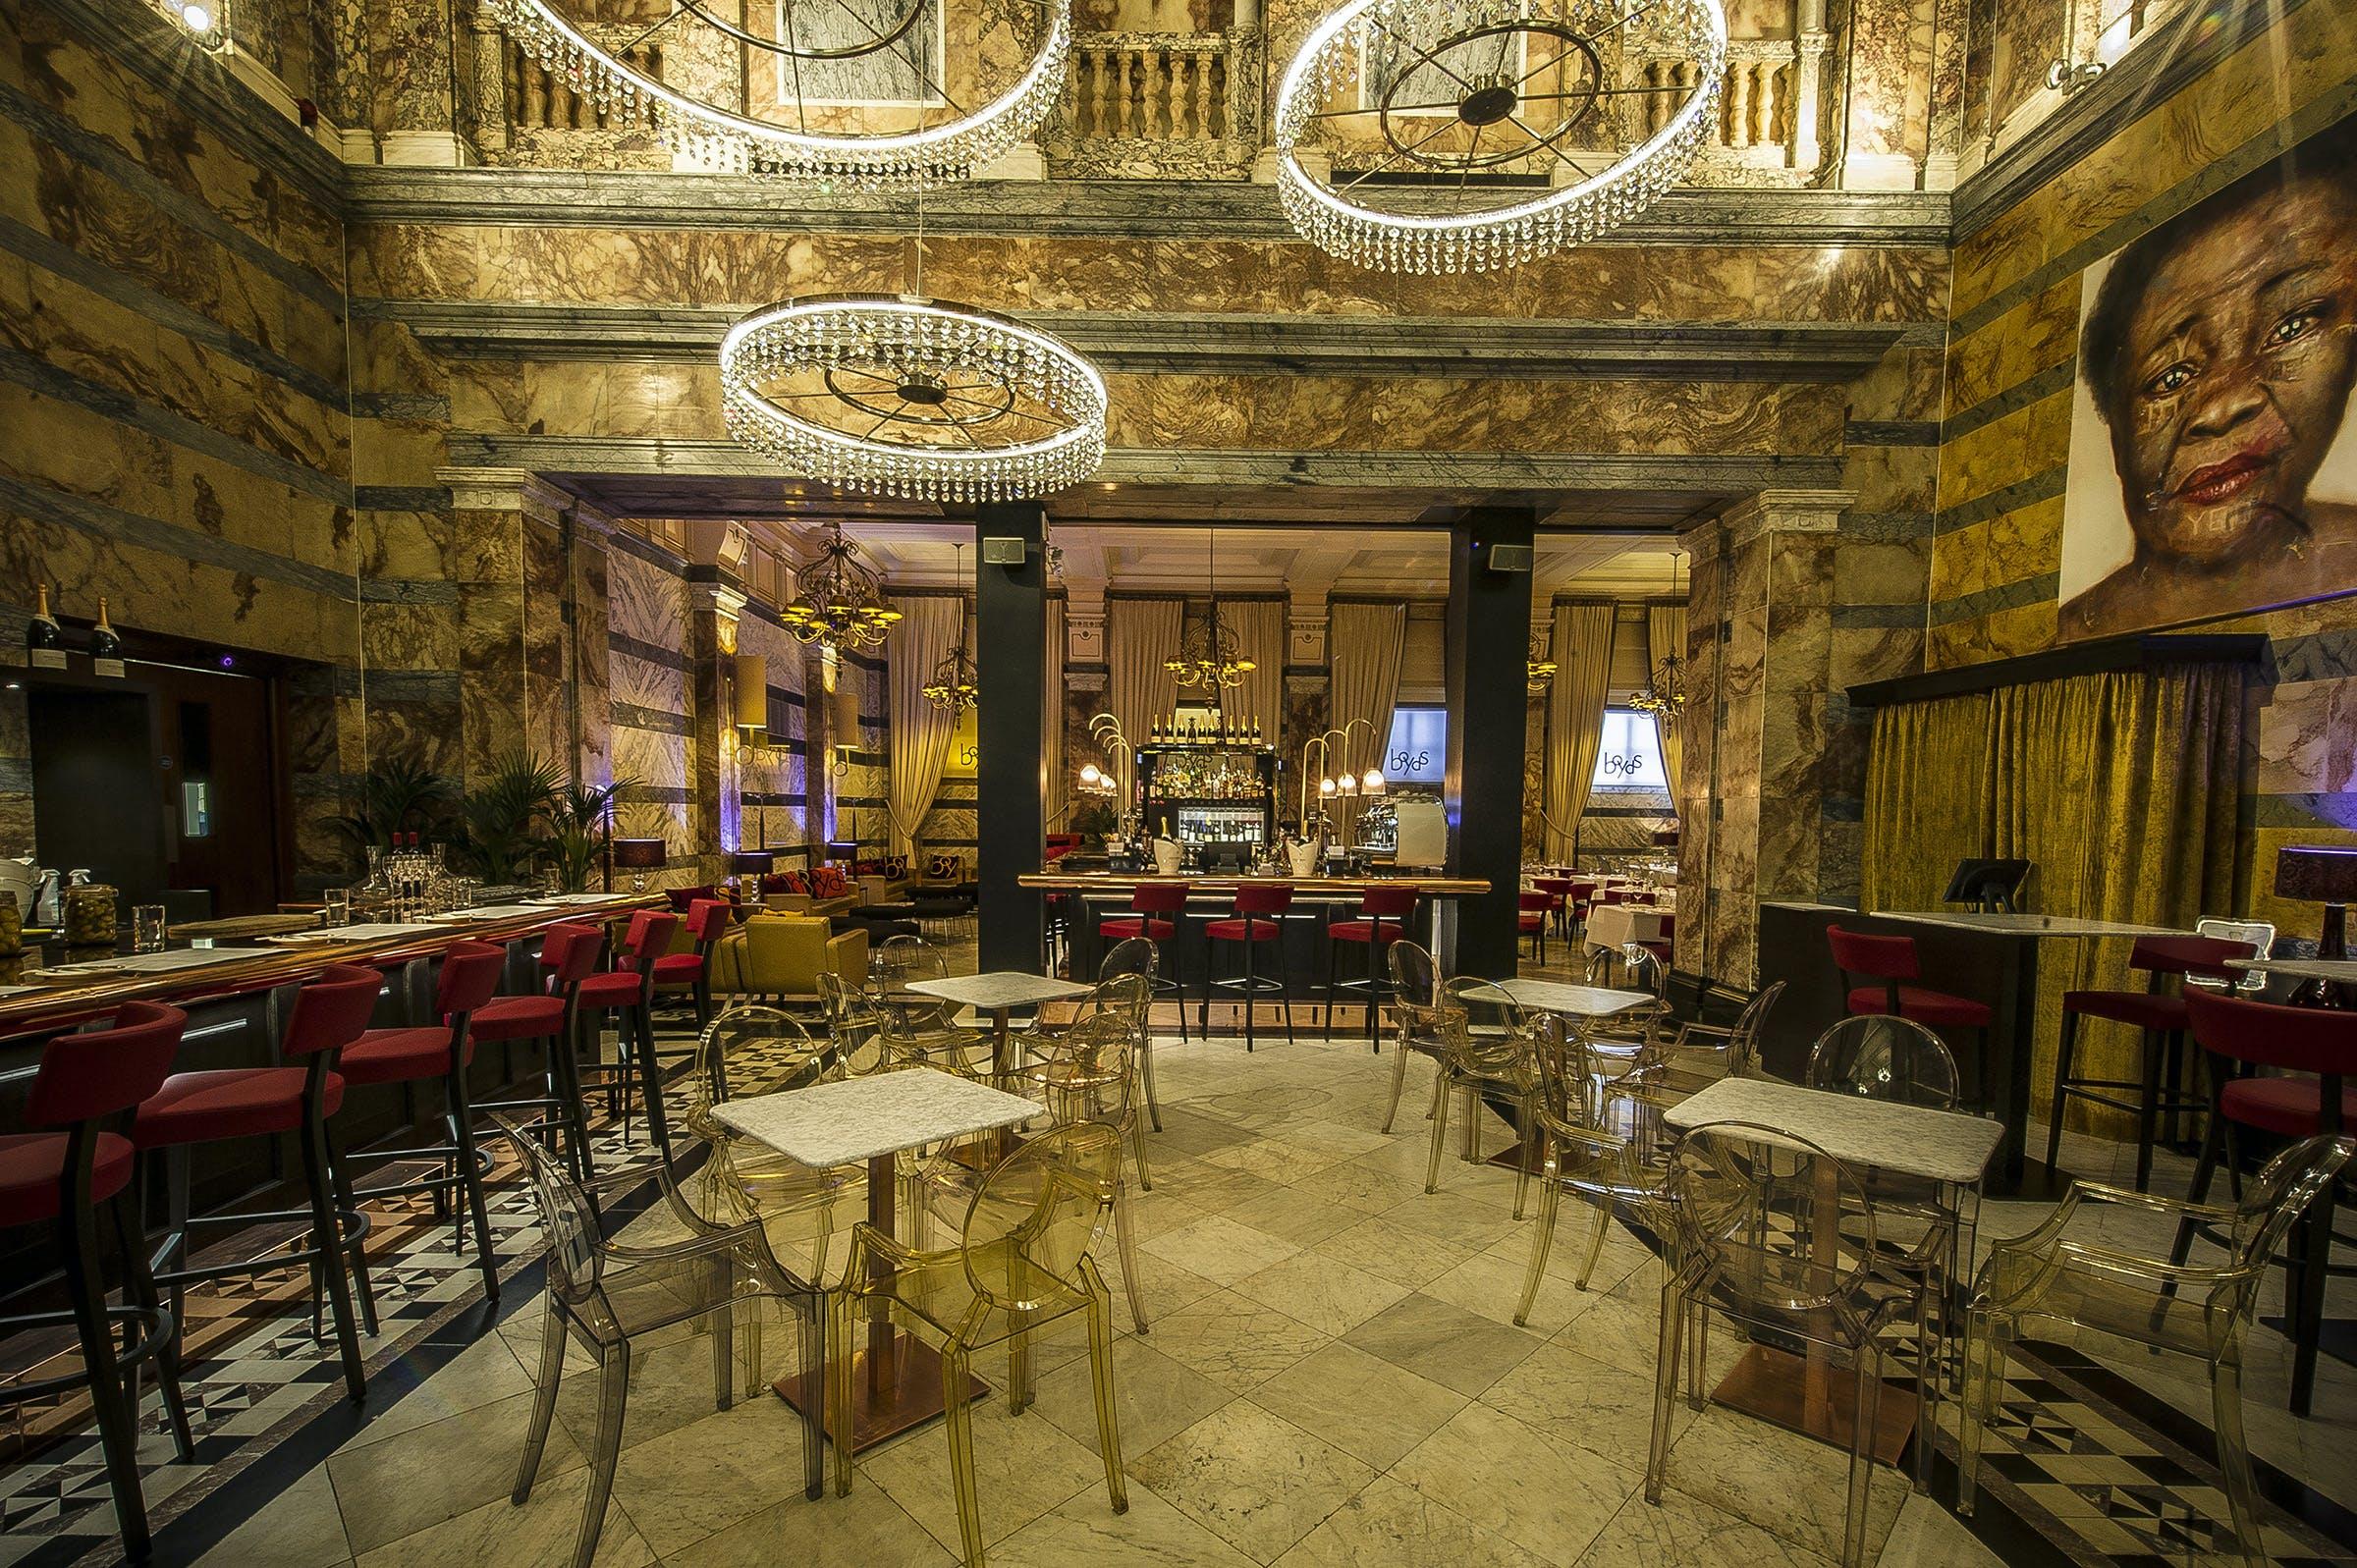 Club Quarters Hotel Trafalgar Square West End London Hotel